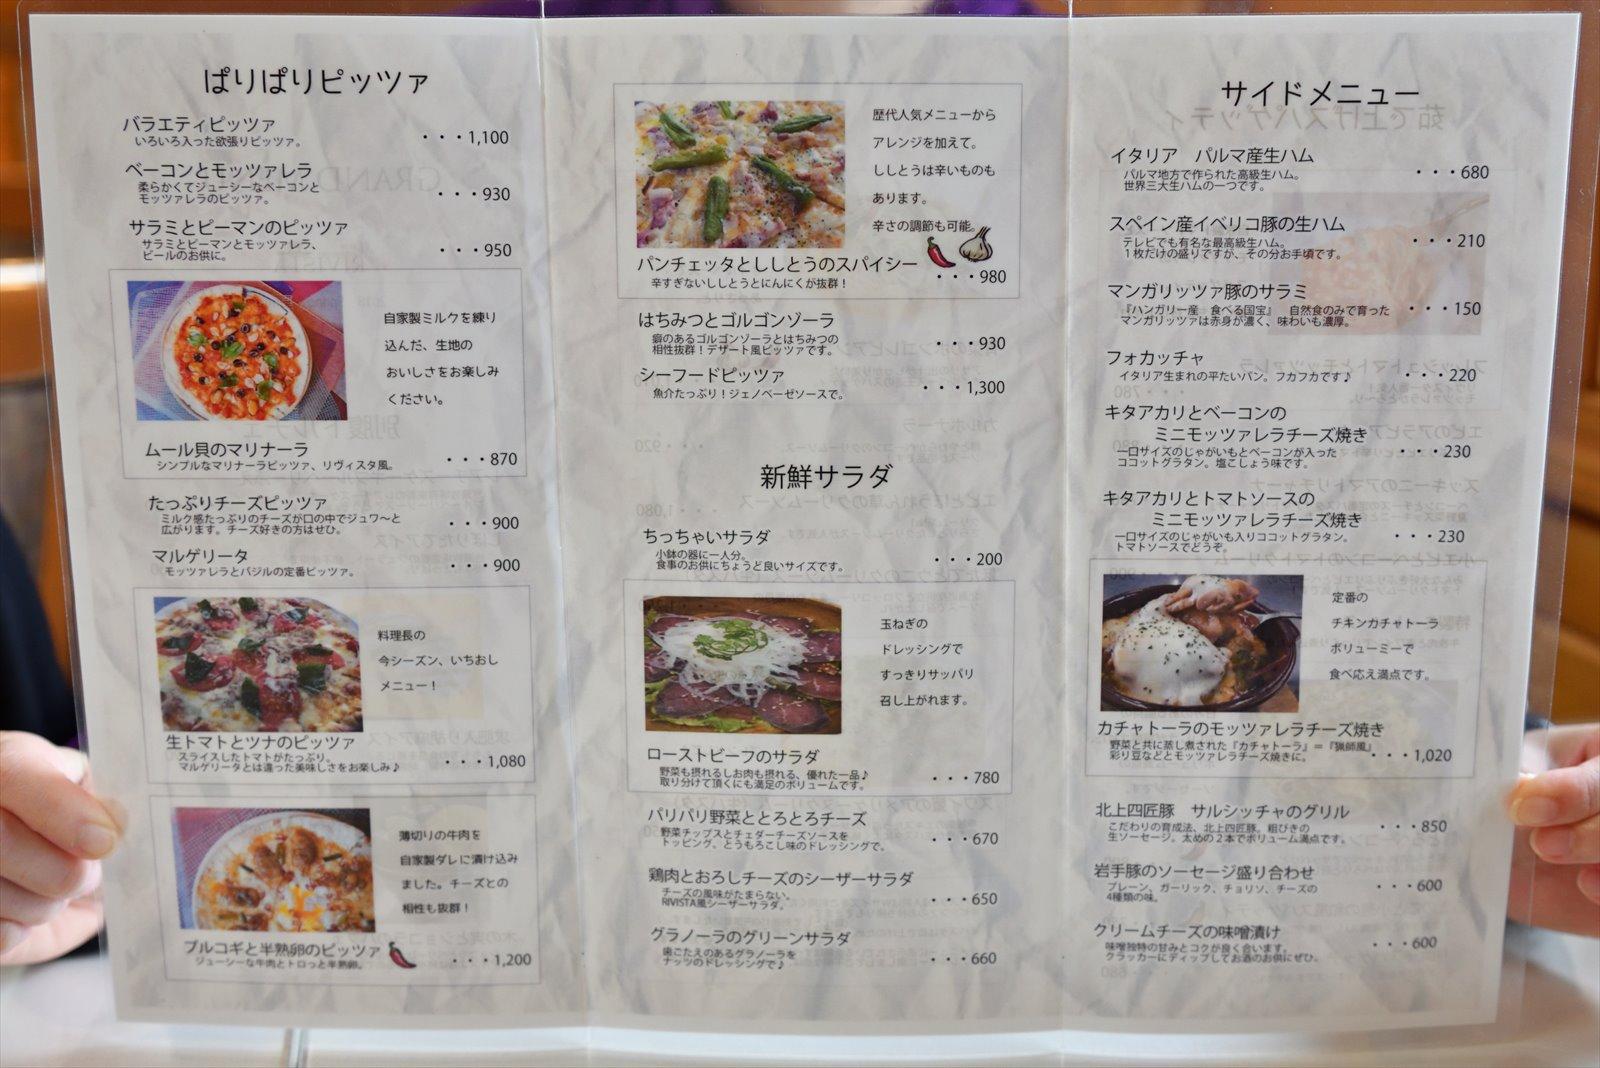 【砂川】ファームレストラン リヴィスタ_a0145819_16334367.jpg